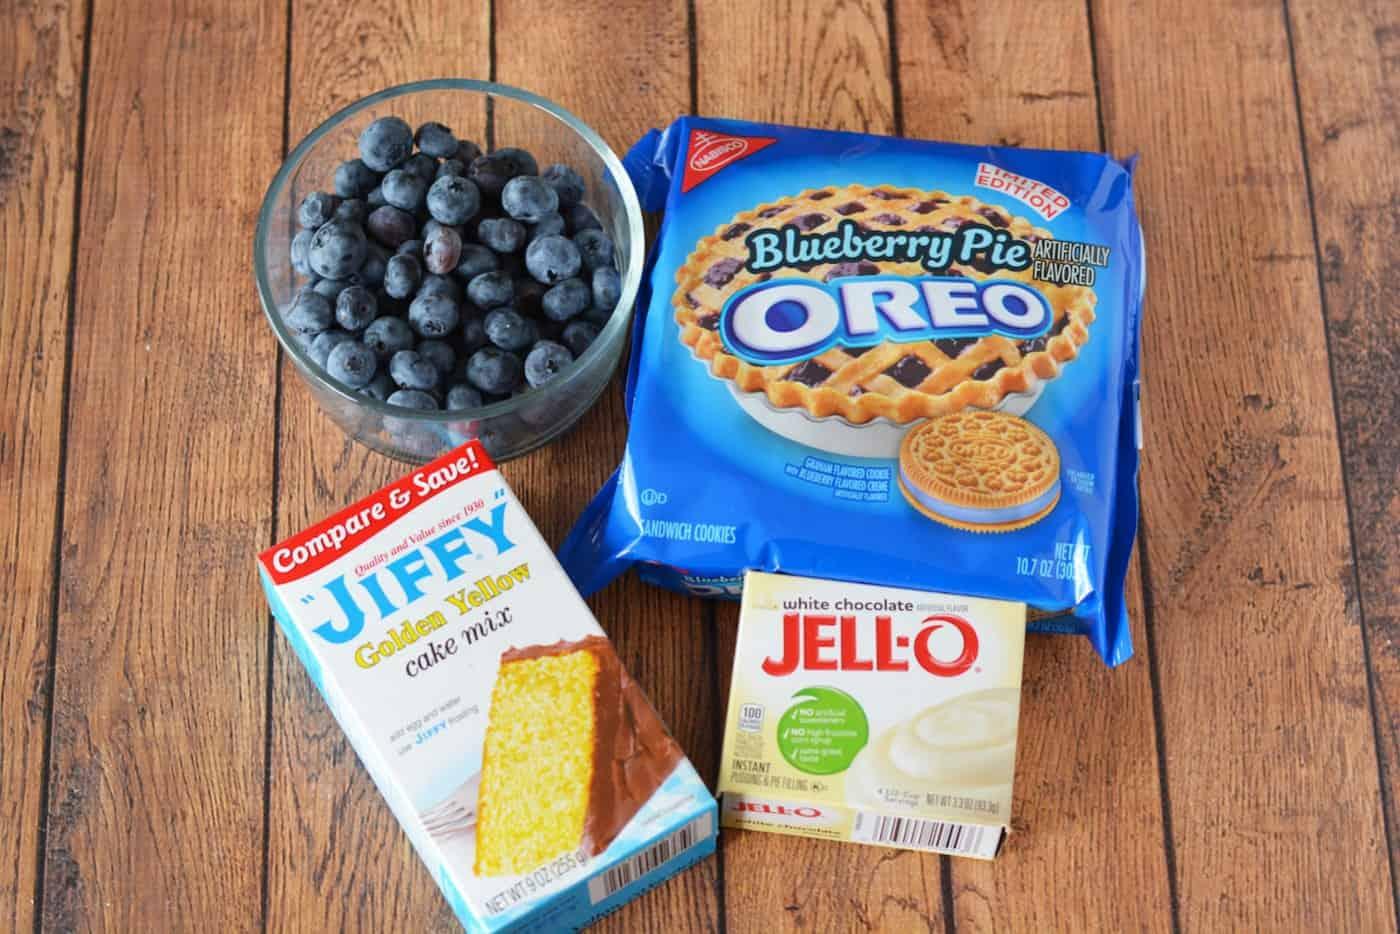 Blueberry Pie Oreo Poke Cake Ingredients